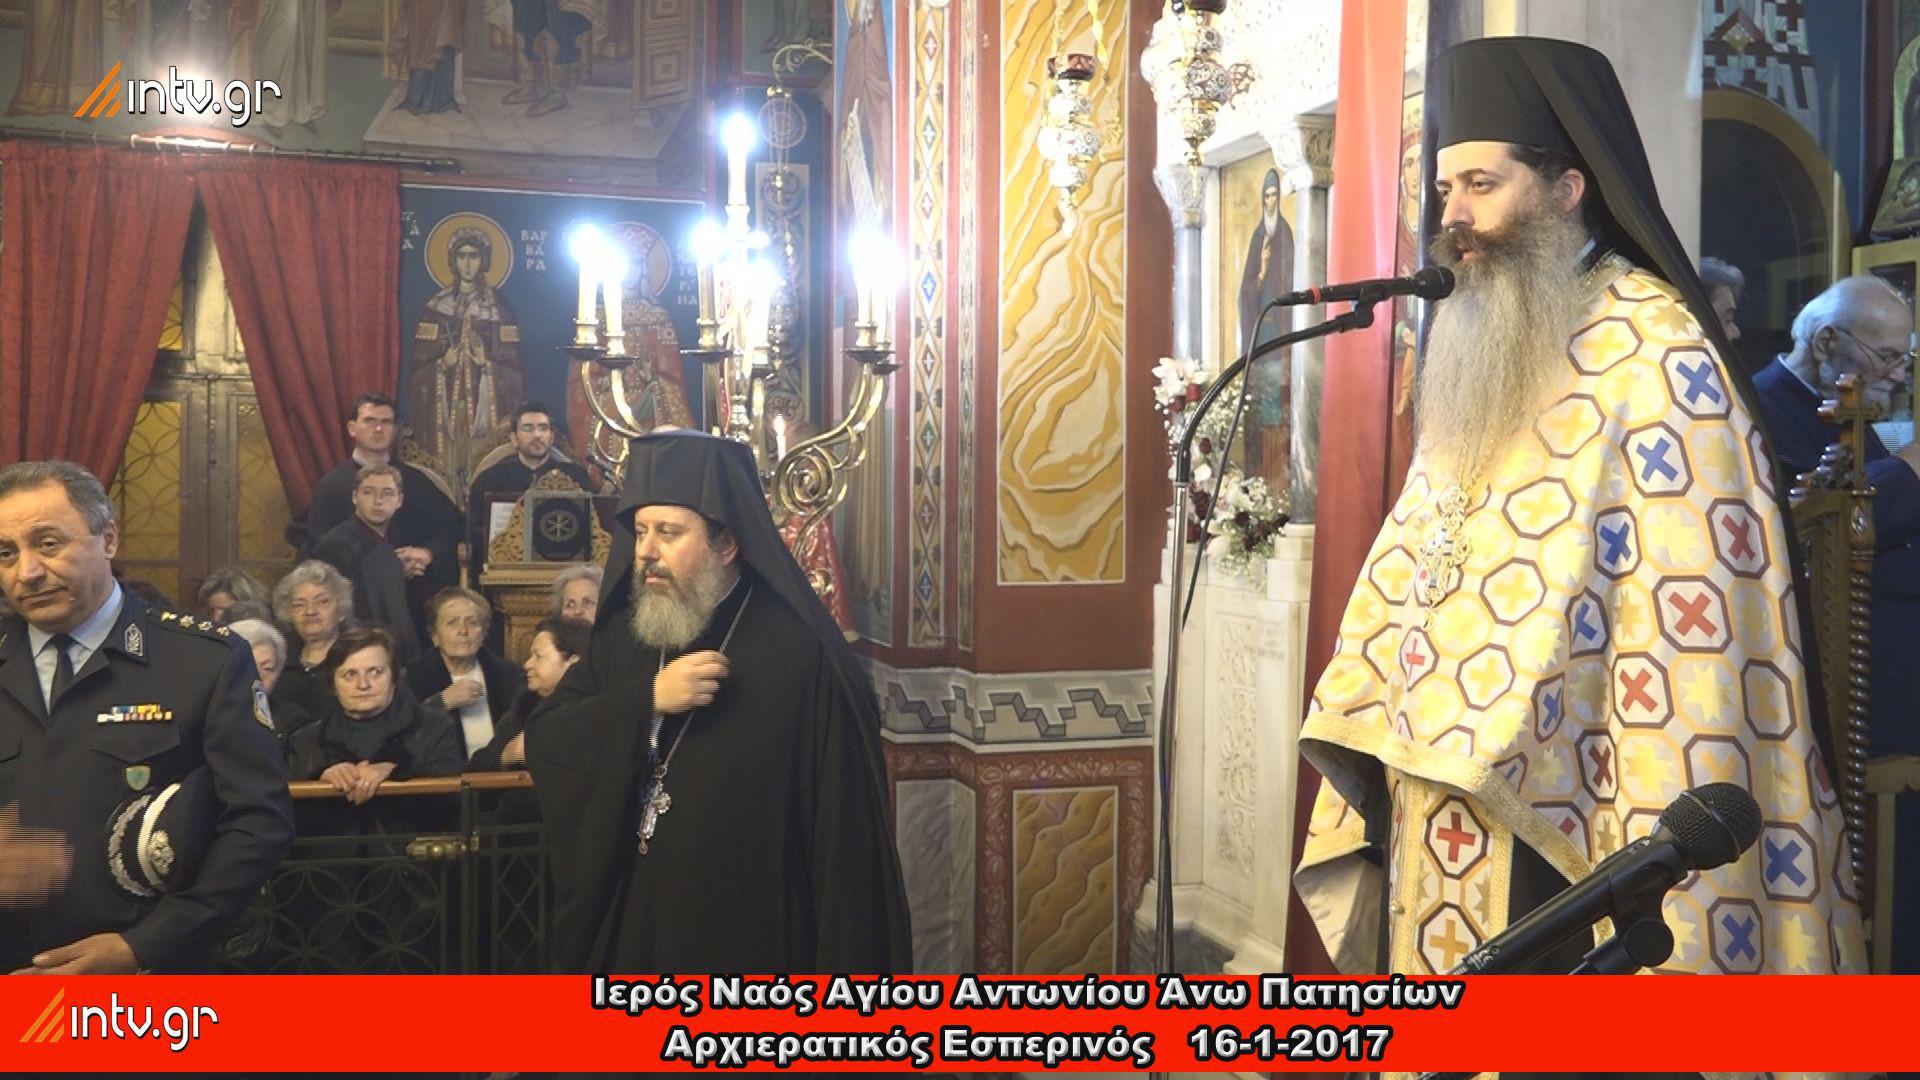 Ιερός Ναός Αγίου Αντωνίου Άνω Πατησίων - Αρχιερατικός Εσπερινός